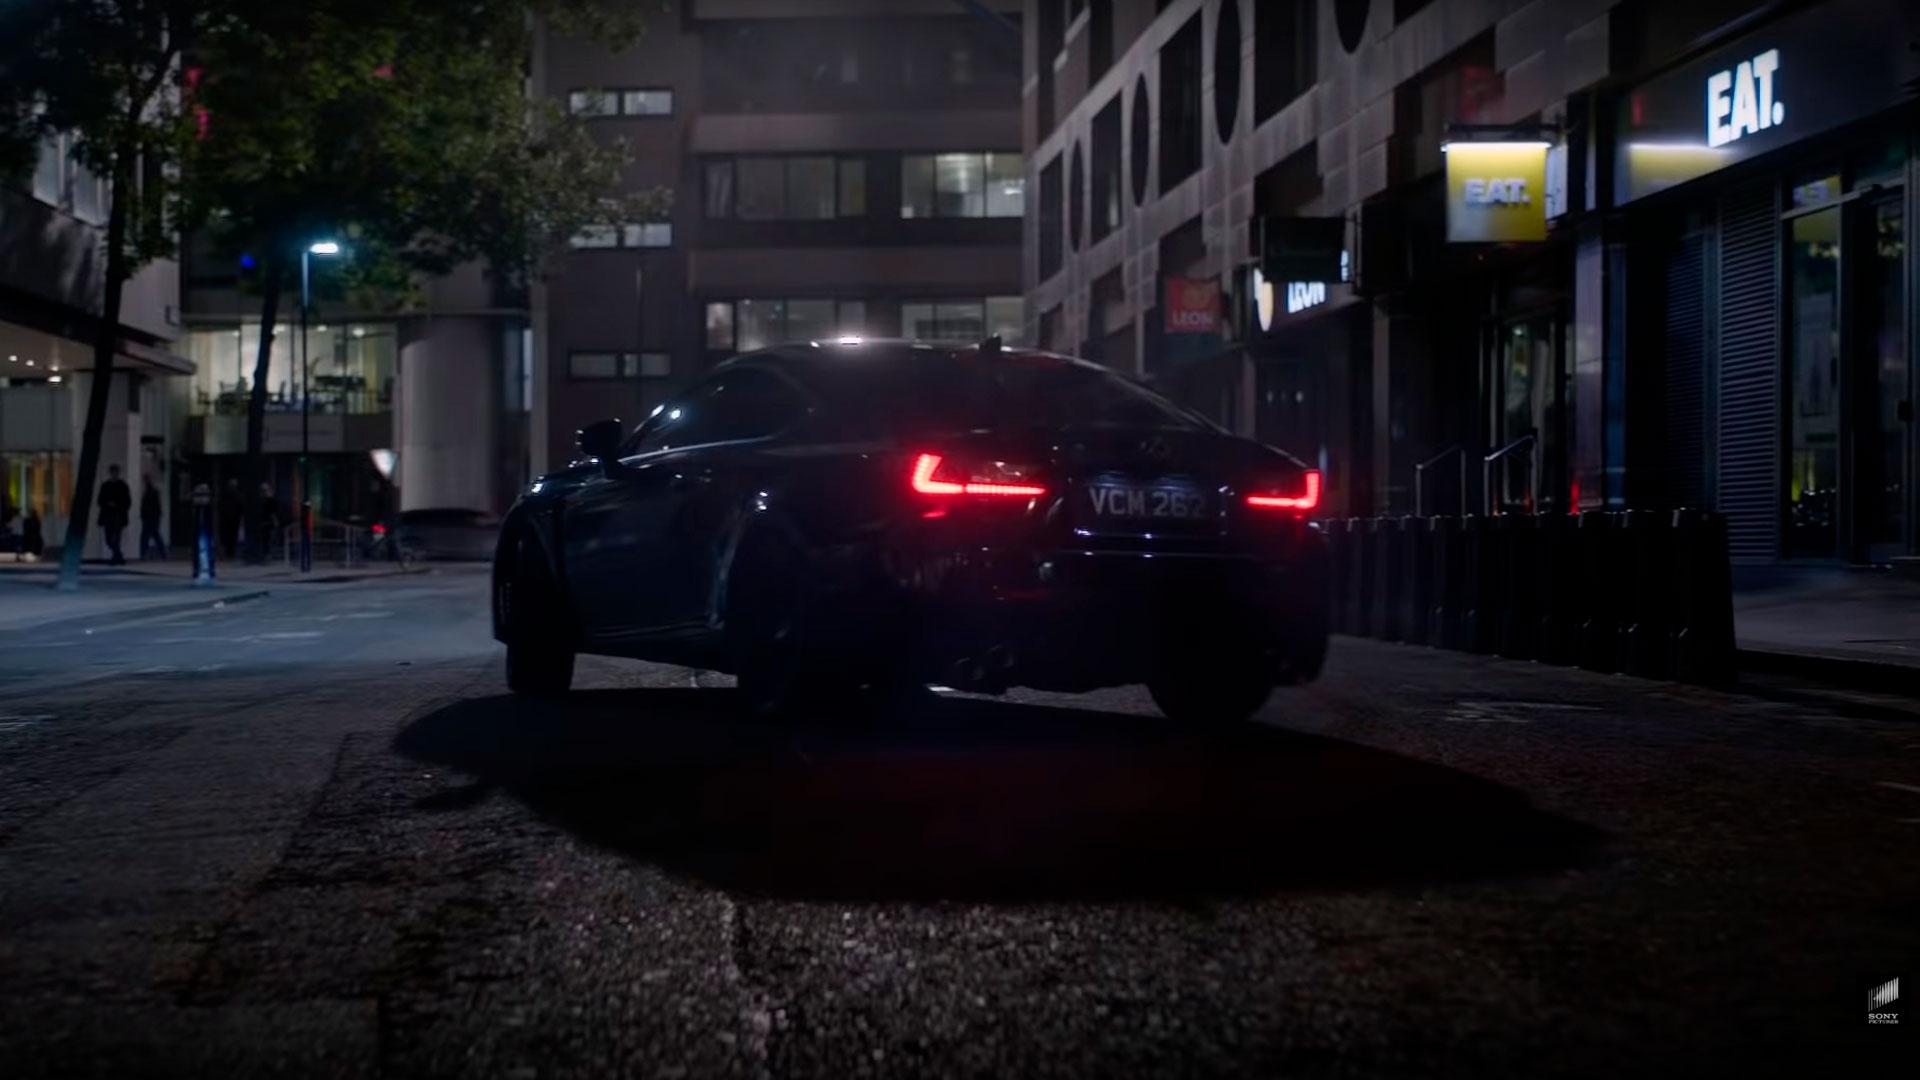 Imagen de la película Men in Black con el Lexus RC